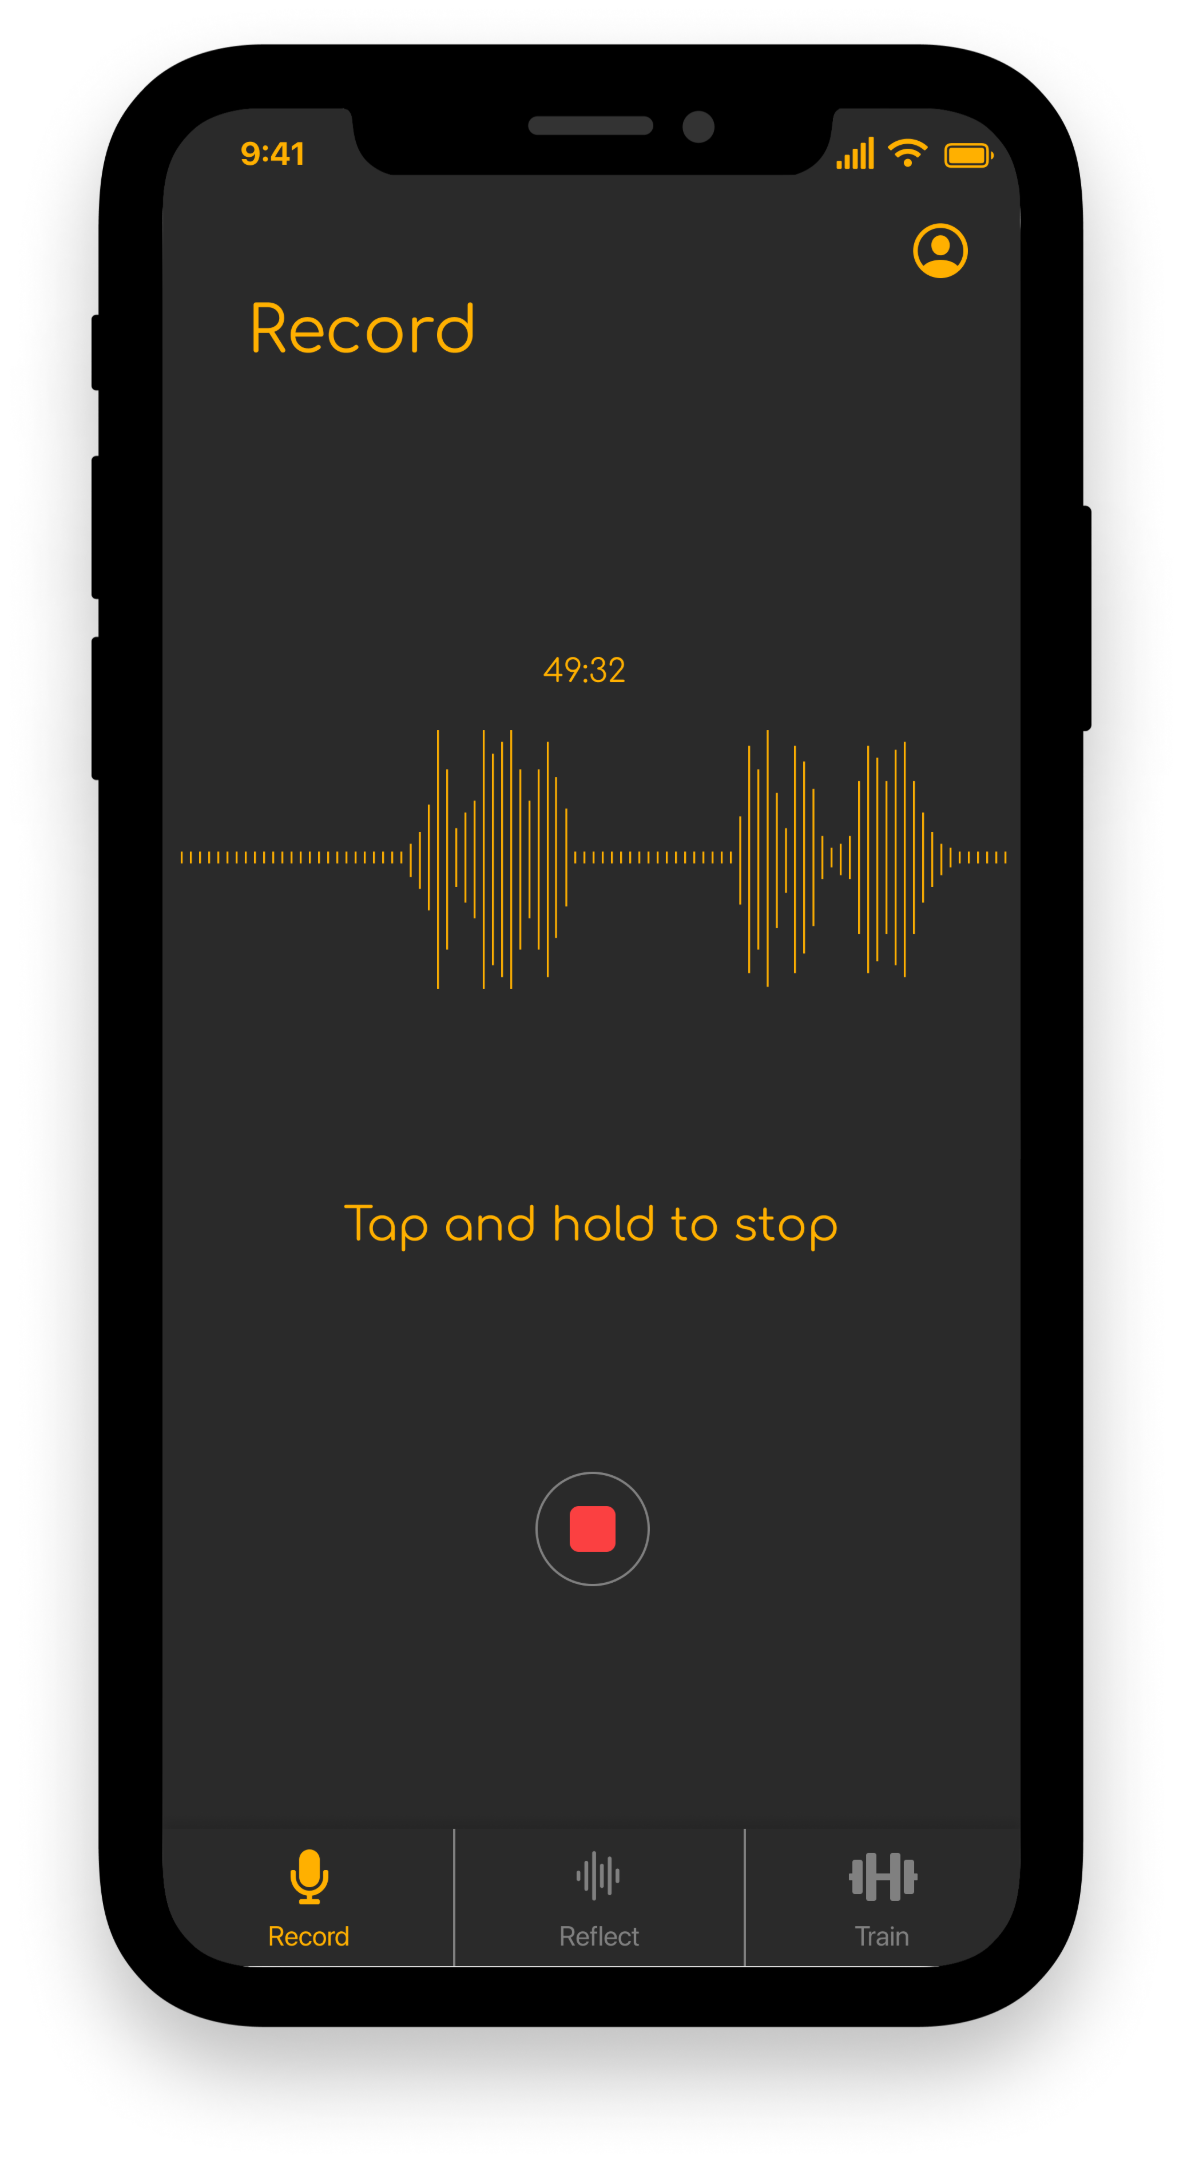 Recording active